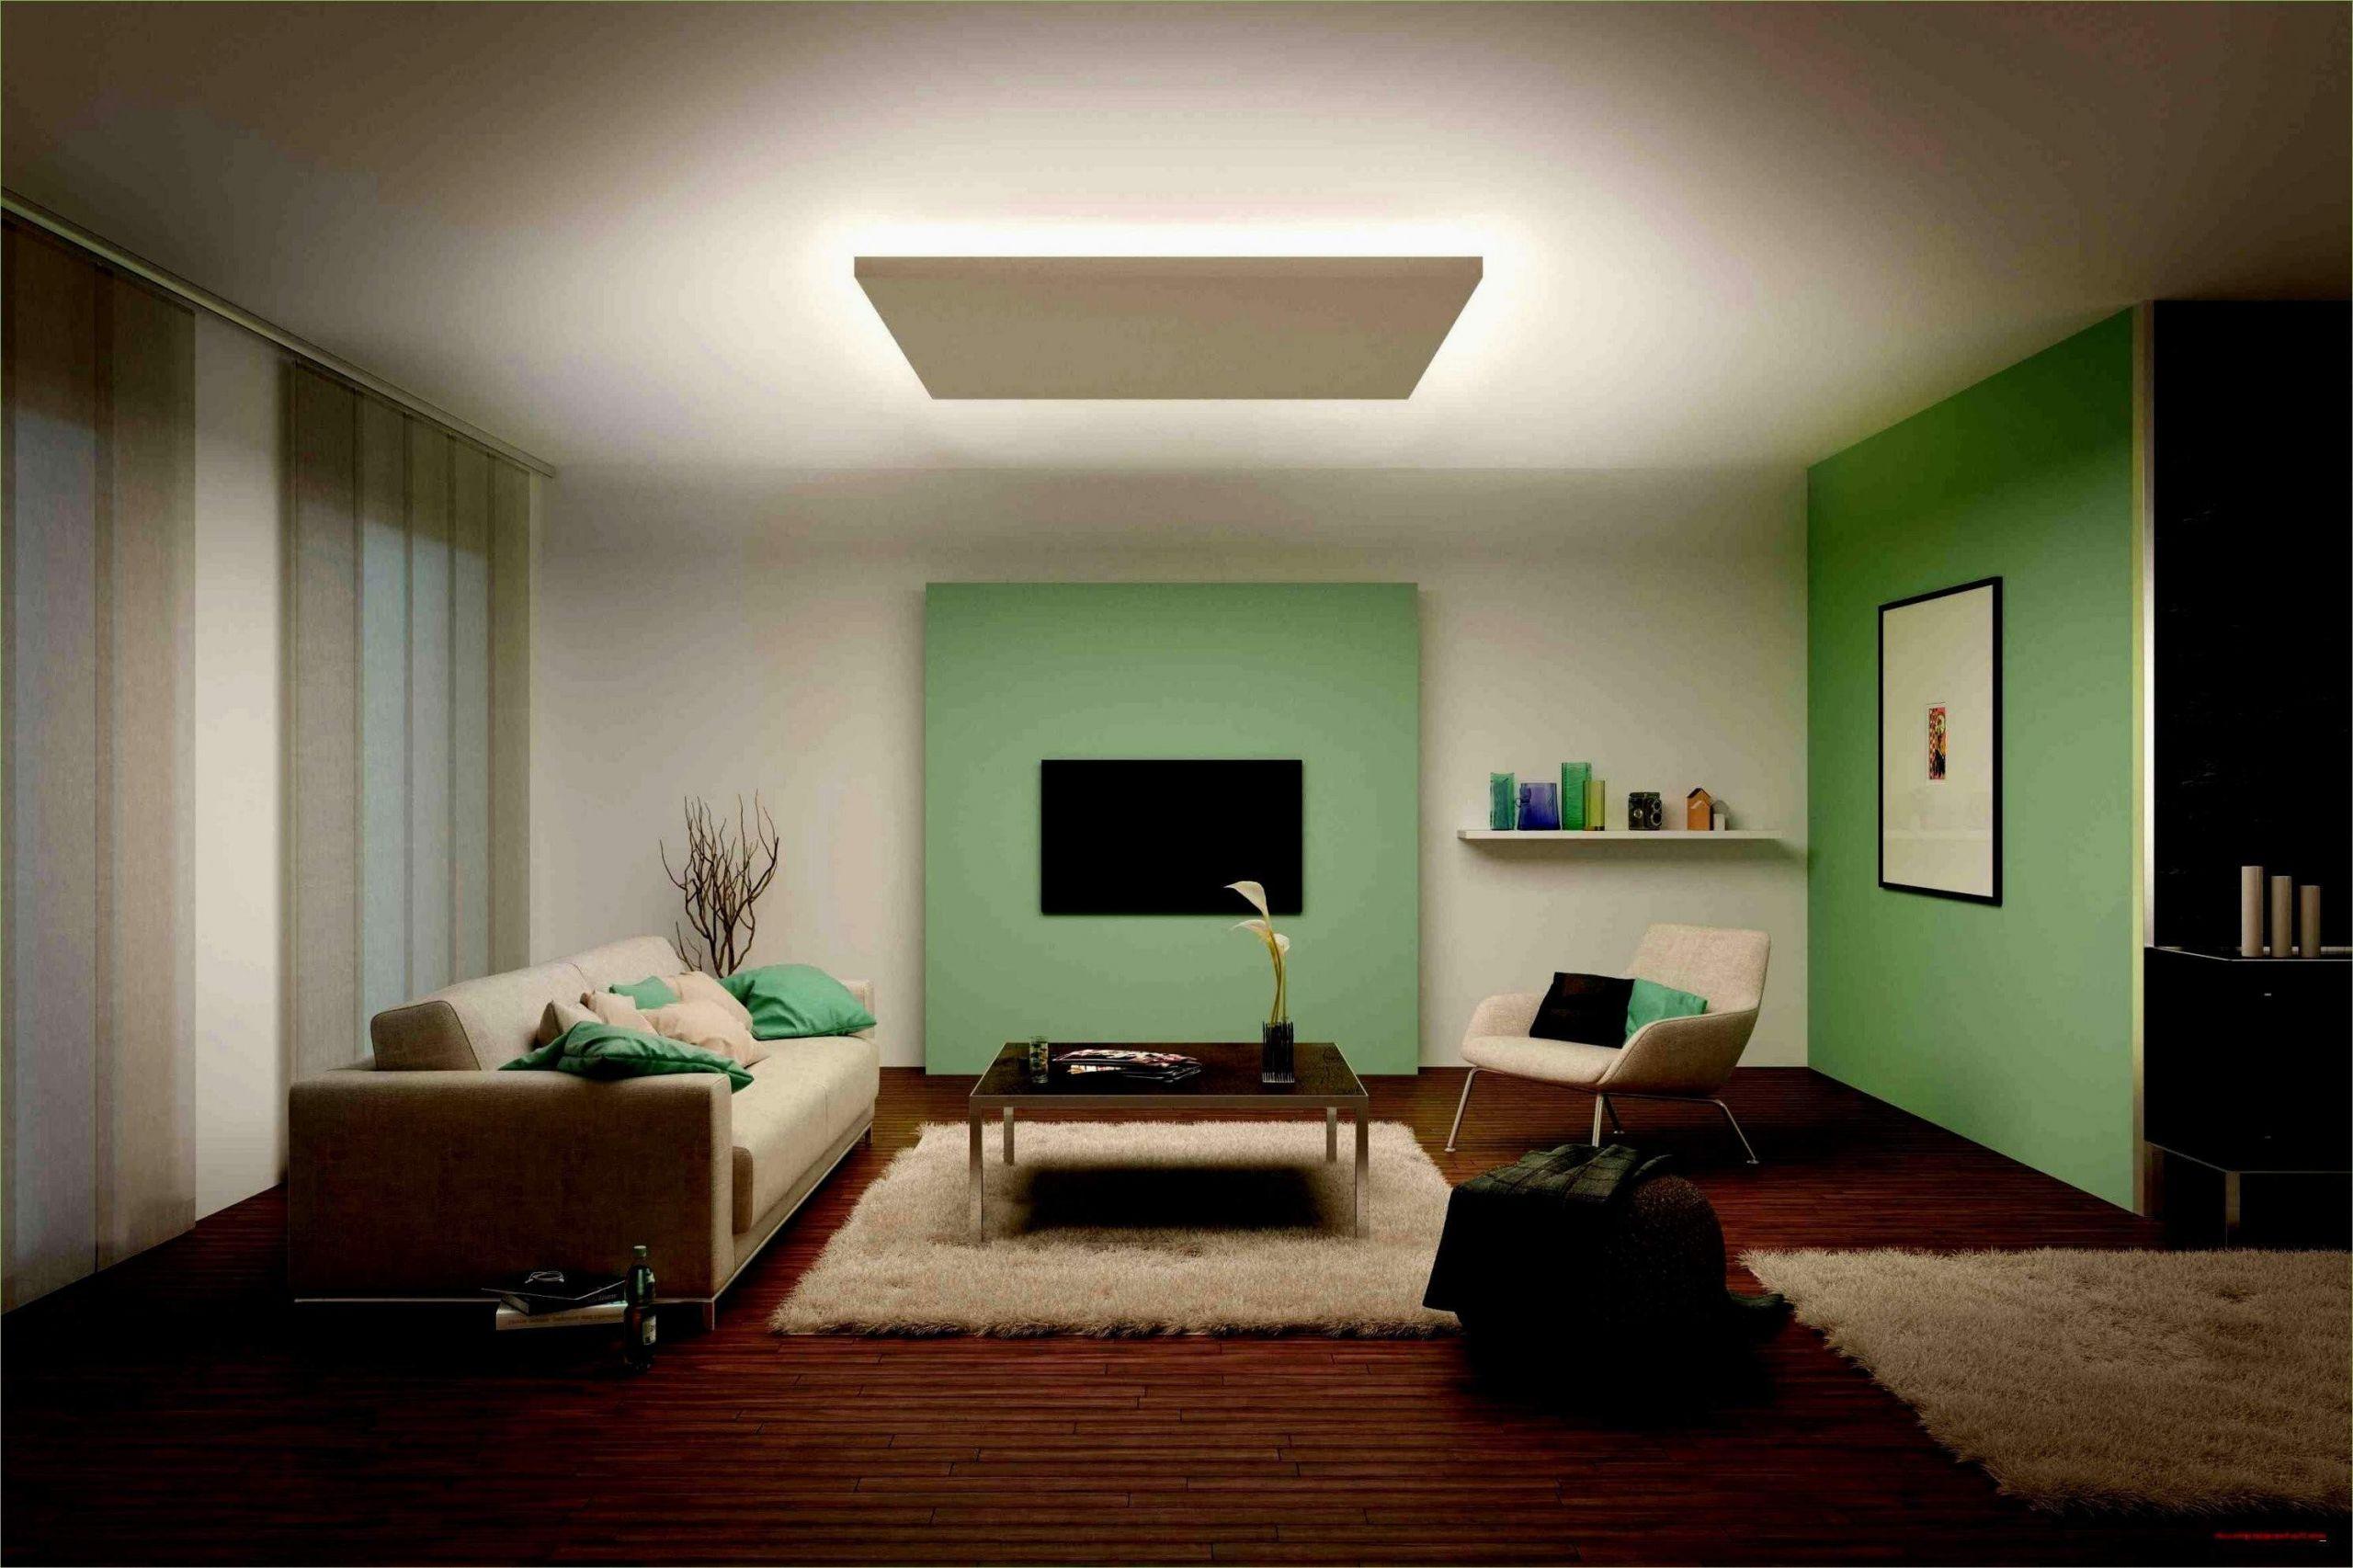 wasserwand wohnzimmer elegant 37 frisch lampe wohnzimmer decke of wasserwand wohnzimmer